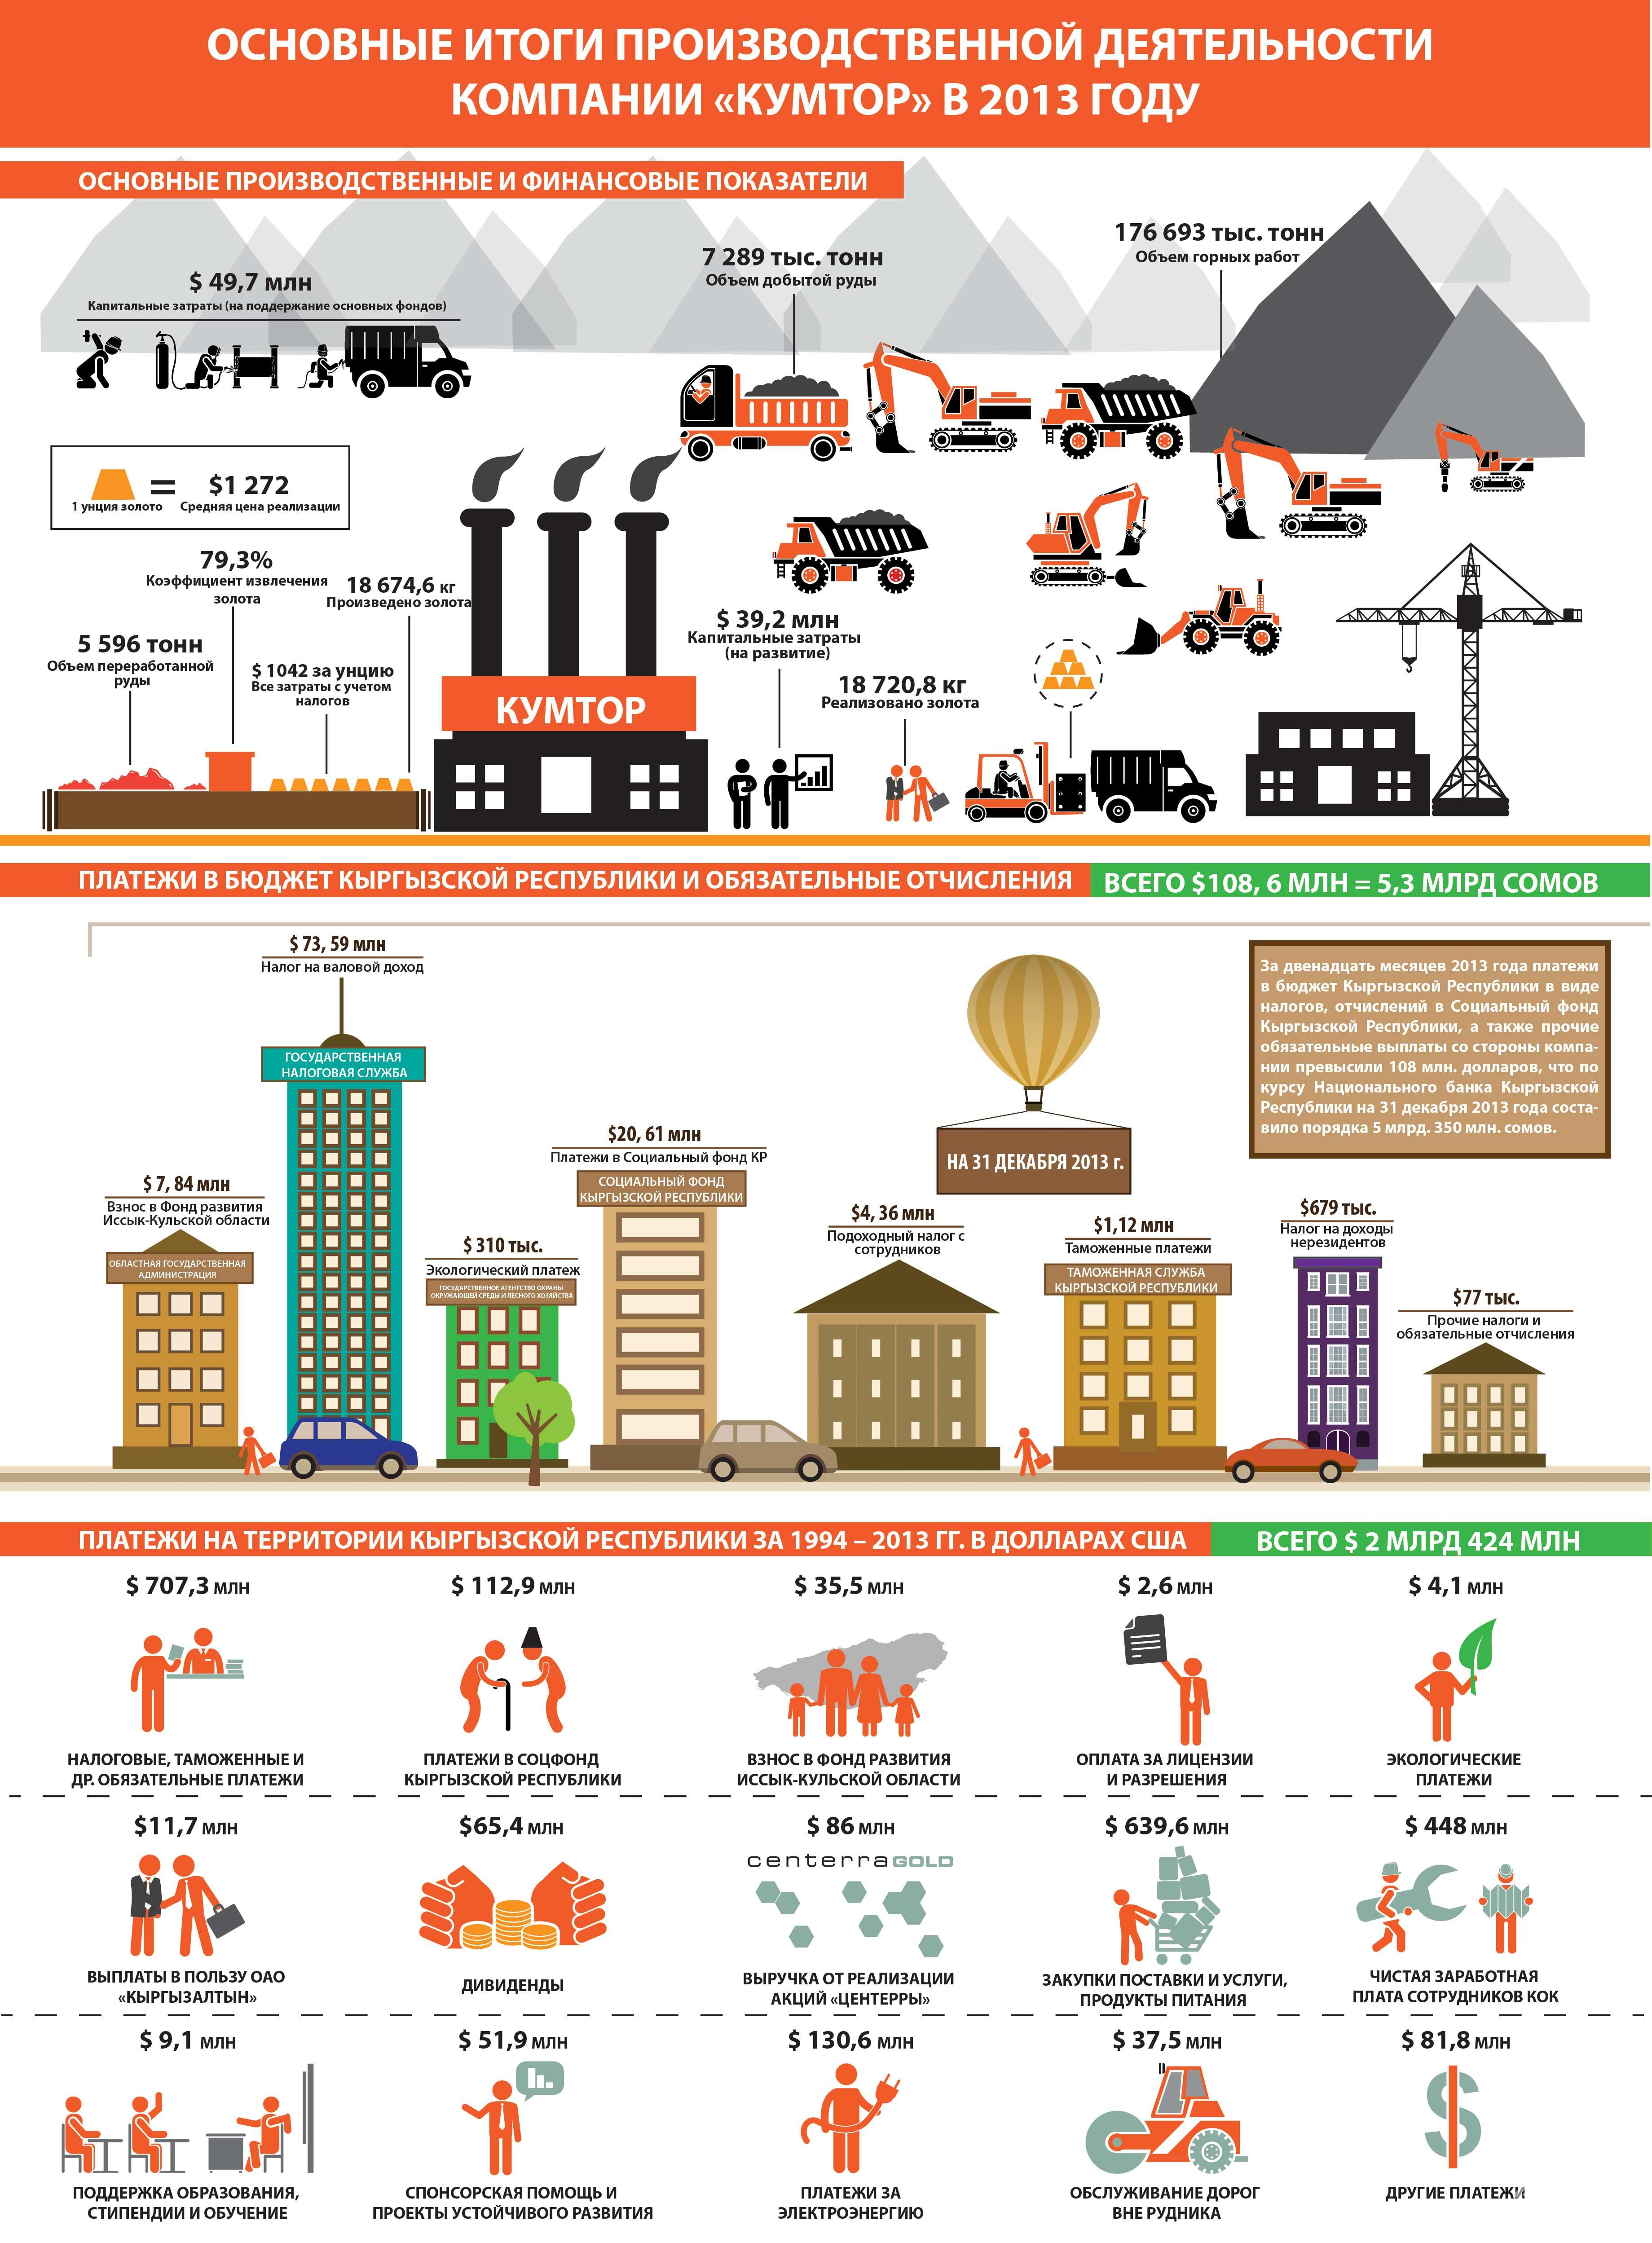 Основные итоги производственной деятельности в 2013 году